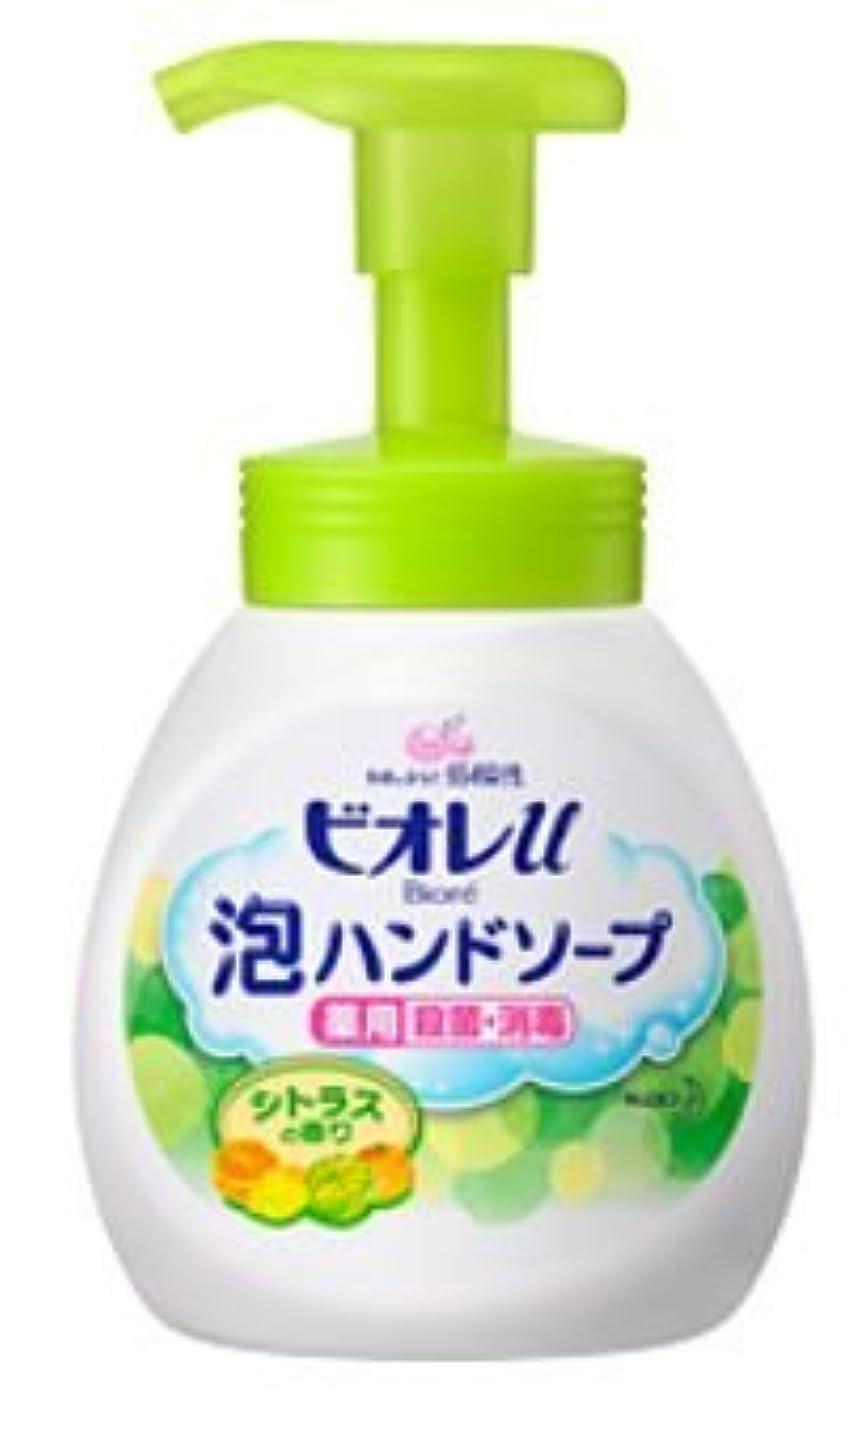 復活させる舌な配管工ビオレu 泡ハンドソープ シトラスの香り [ポンプ]250ml×24個